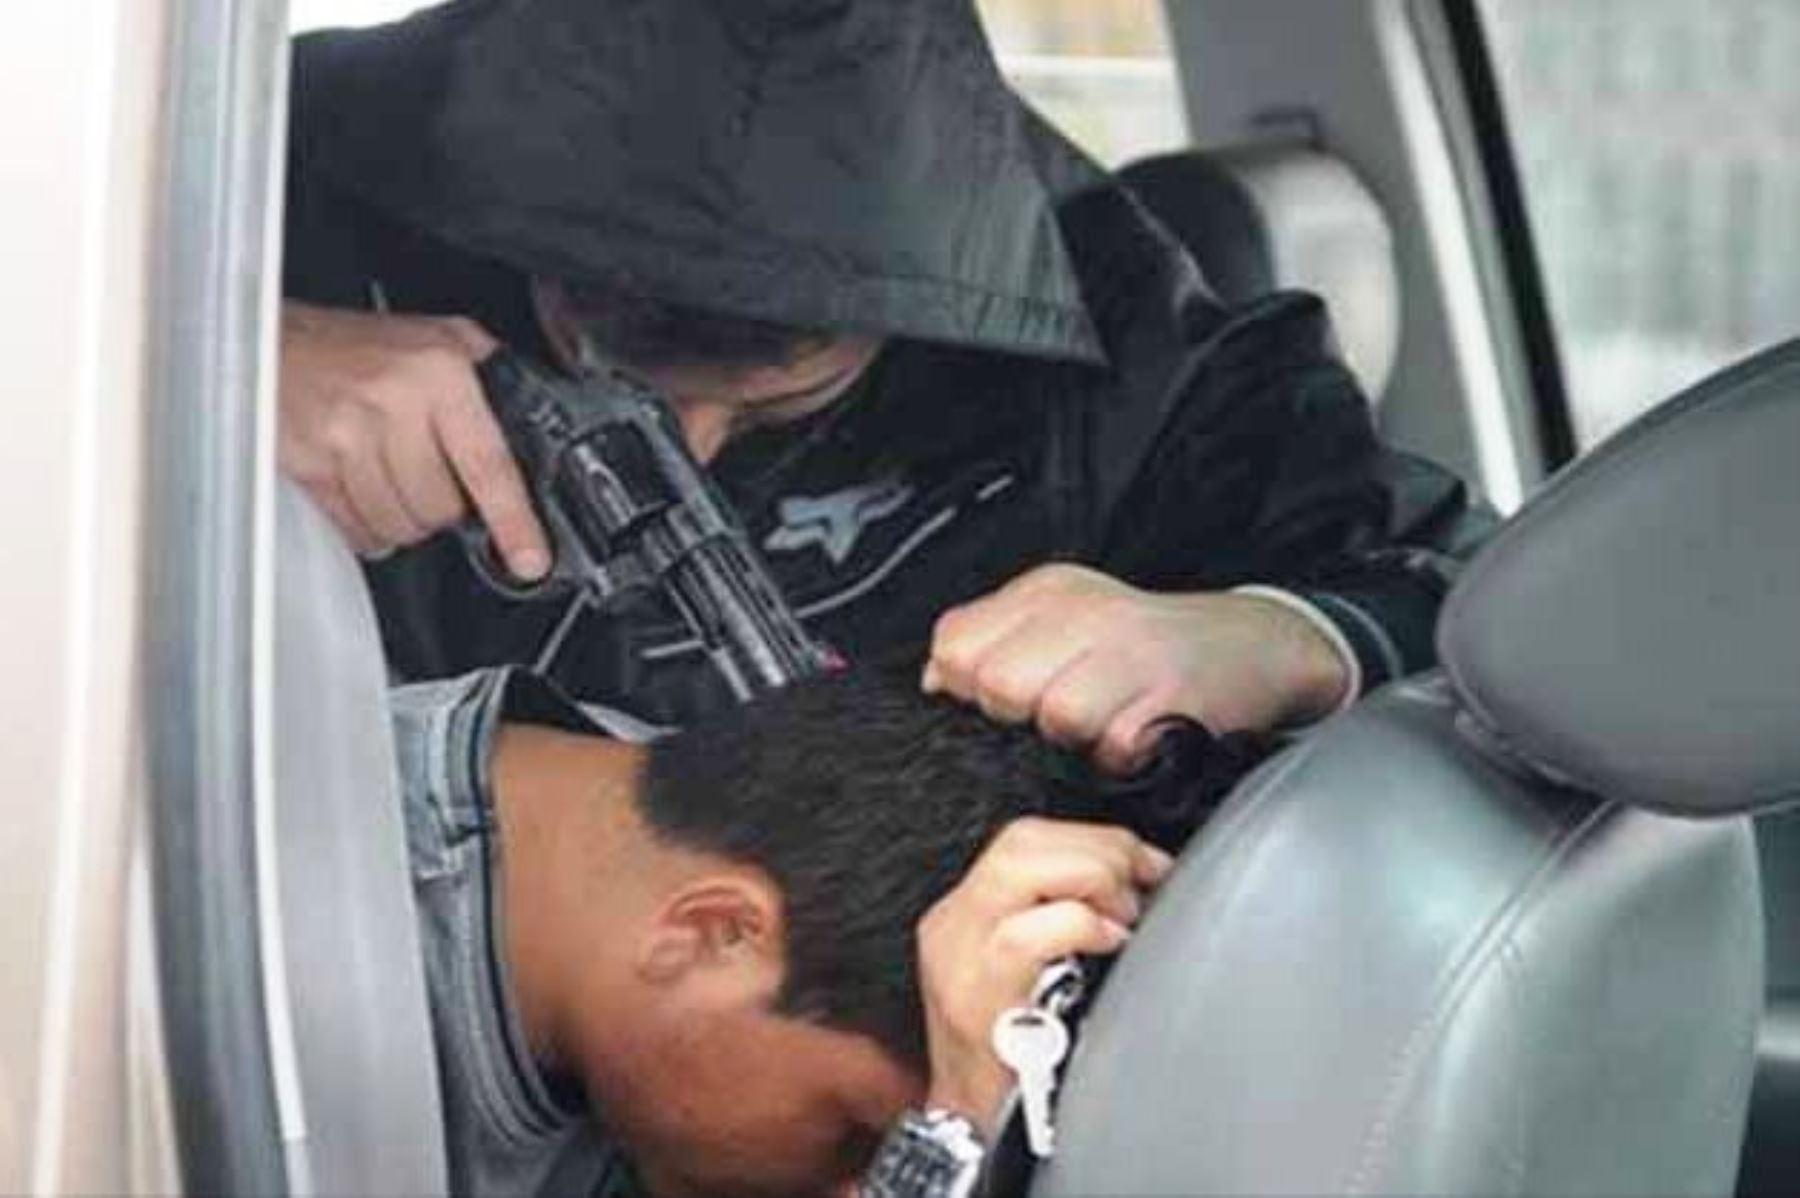 Sigue estos consejos de la Policía para evitar ser víctima de un secuestro al paso. Foto: ANDINA/Internet.